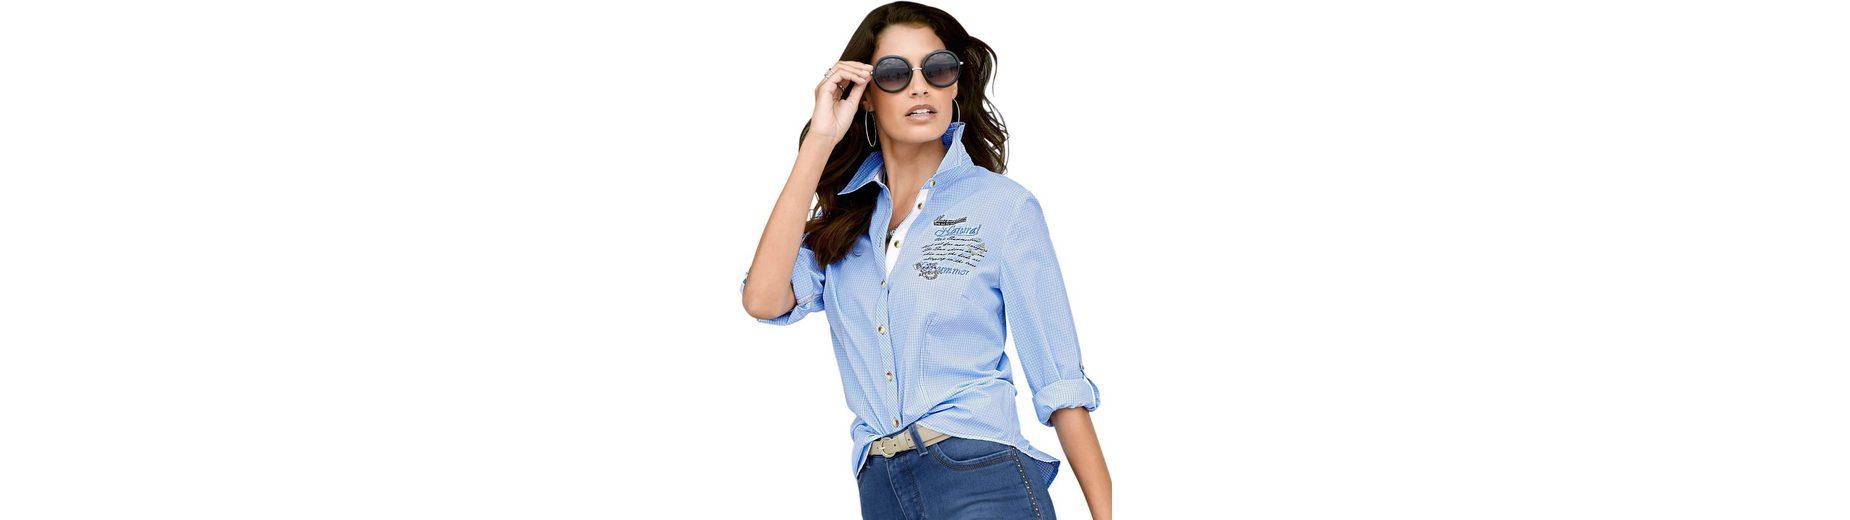 Freie Verschiffen-Angebote Classic Inspirationen Bluse mit modischem Druck- und Stickerei-Motiv Billig Verkaufen Hochwertige Billige Websites Outlet Kollektionen sIySyfs0